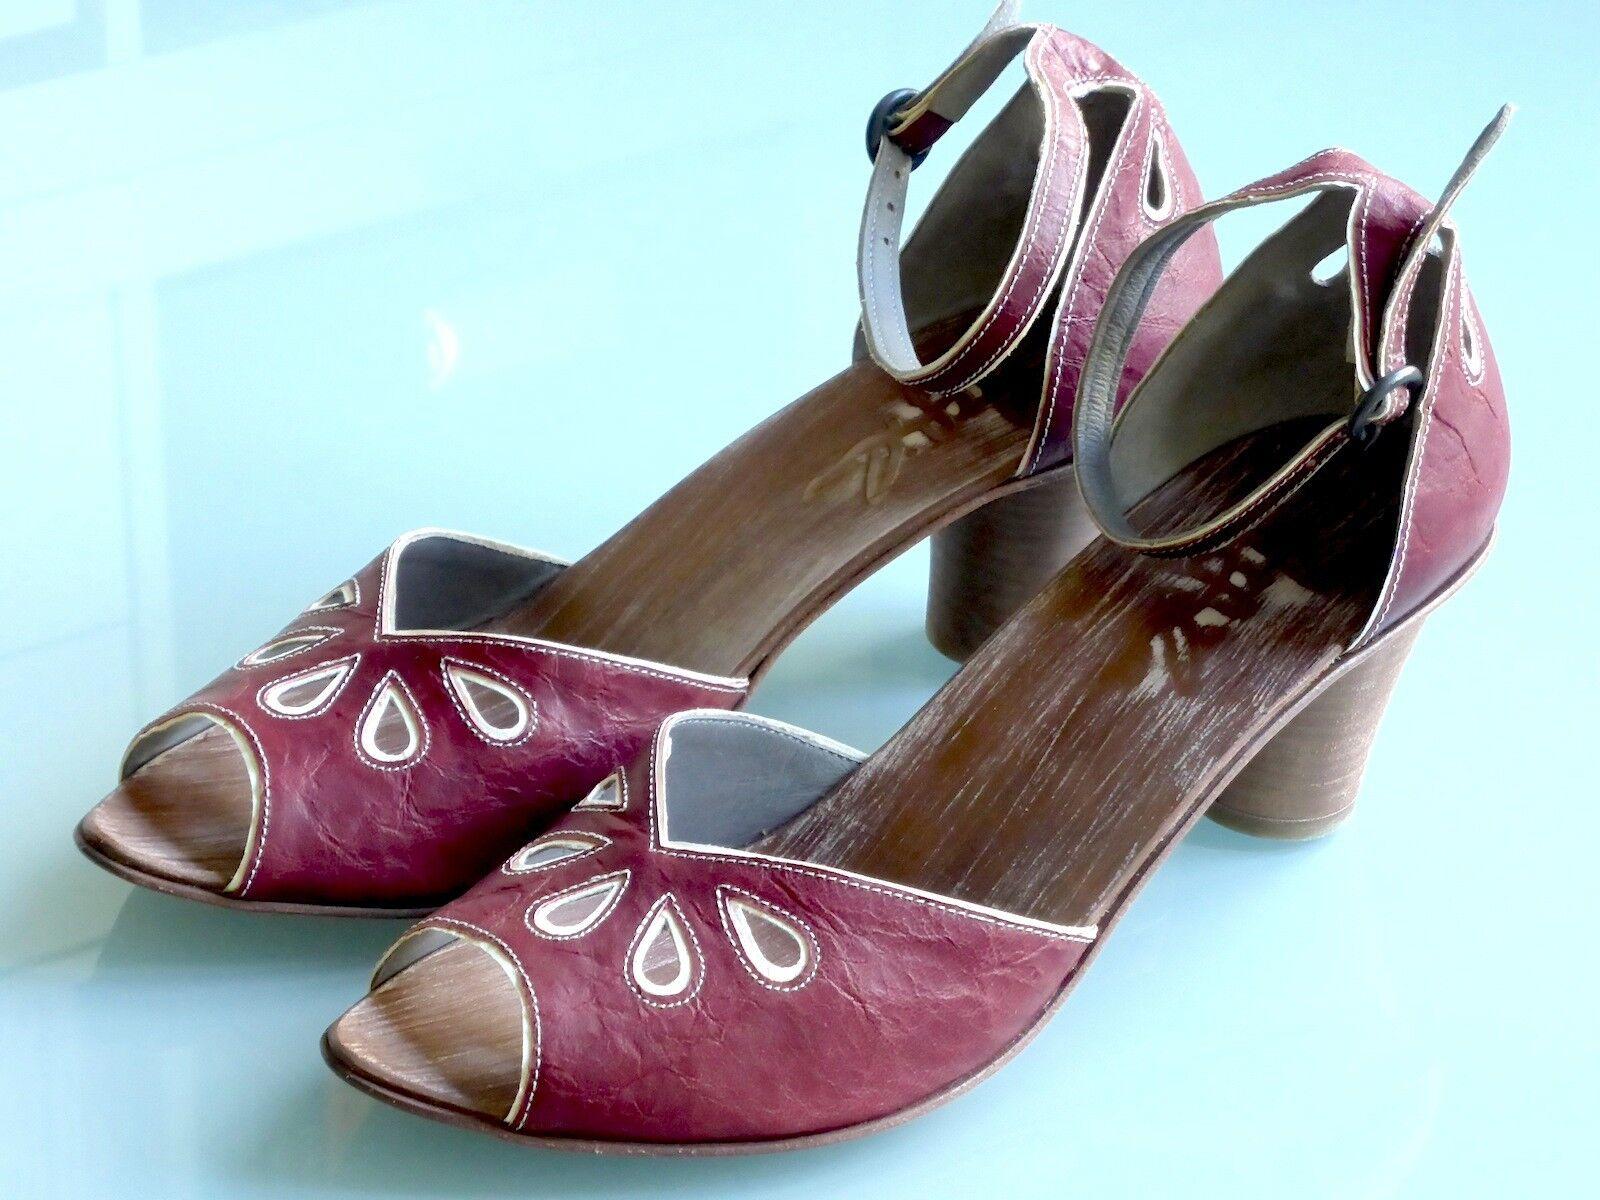 Argila by PEPE Monjo-pergami rouge Bride-Sandale, bordeaux, bordeaux, bordeaux, taille 41 NEUF c7658f